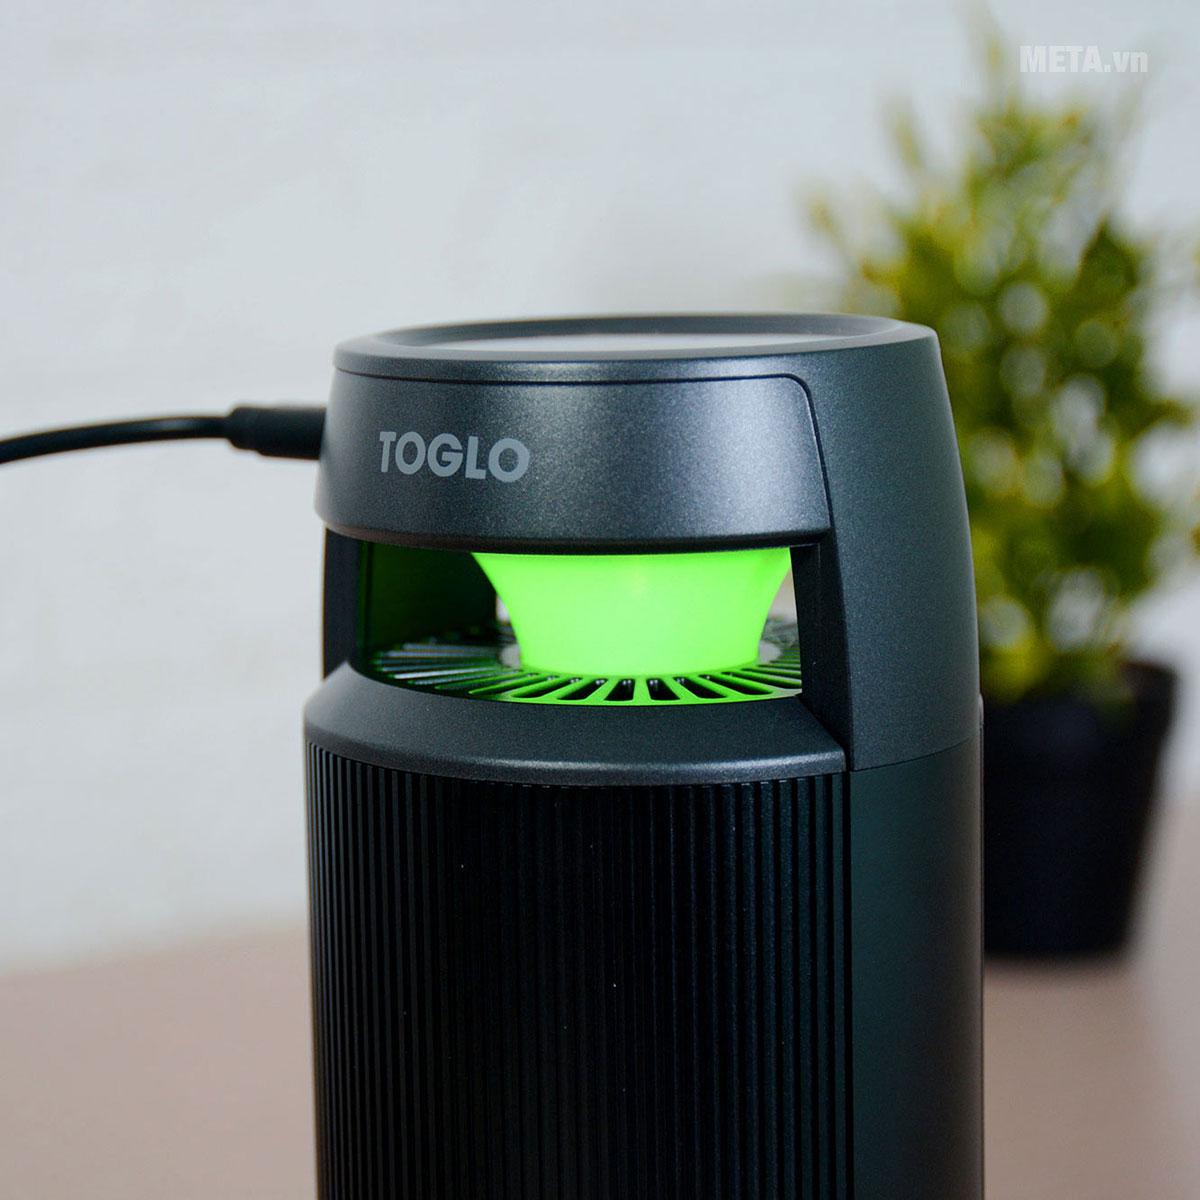 Đèn LED đổi màu của máy lọc không khí ô tô Toglo TG-C19